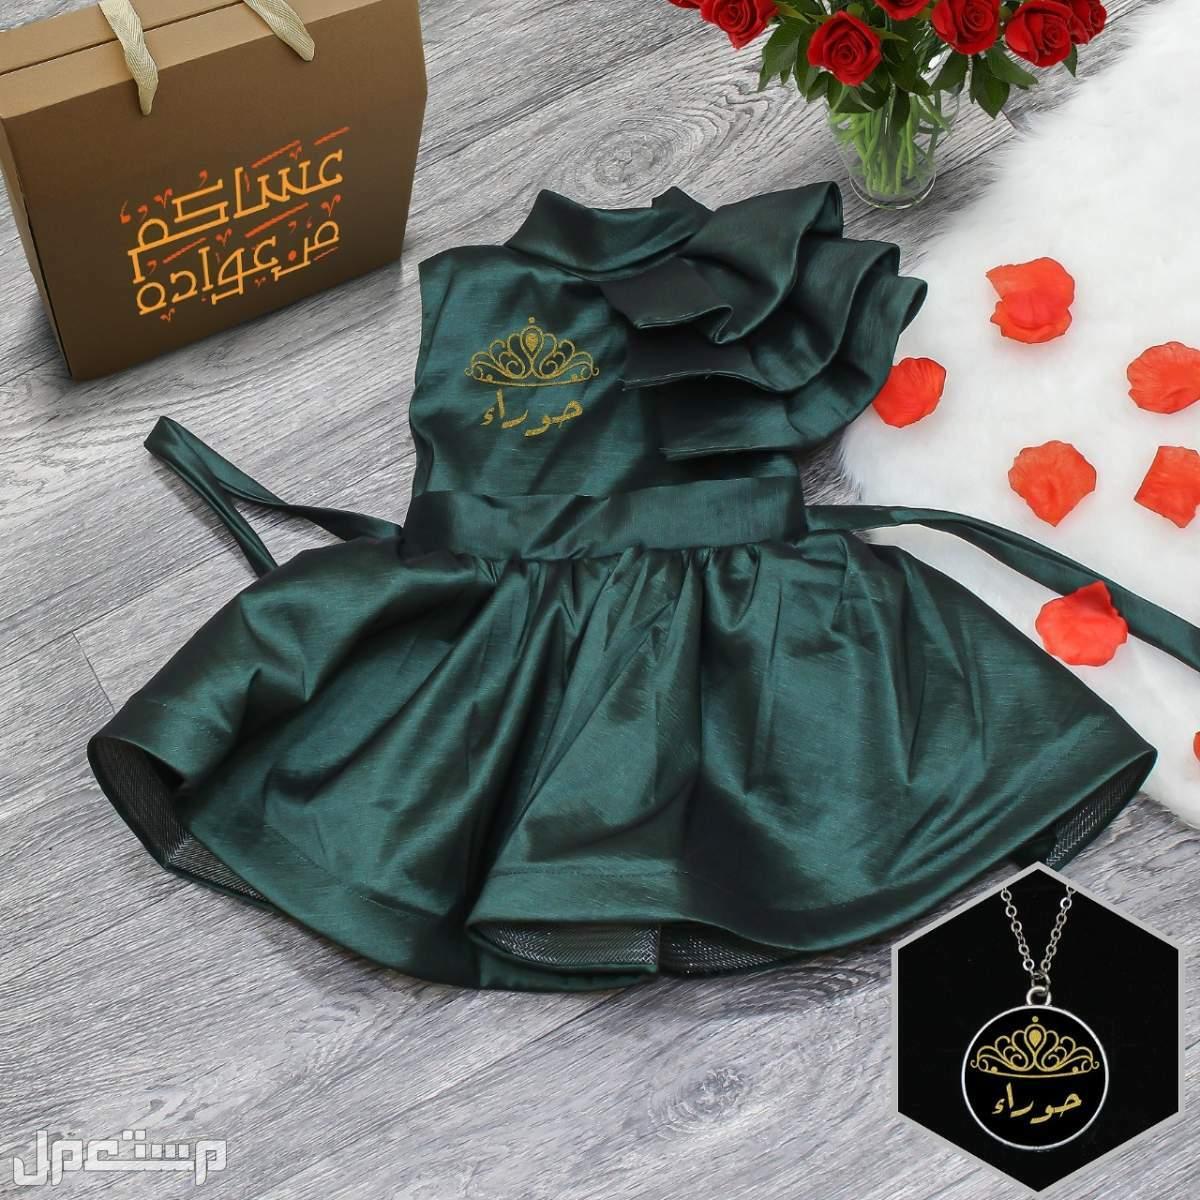 فساتين بناتي حلوه  حق العيد تصاميم روعة وانيقة  طباعة الاسم حسب الطلب